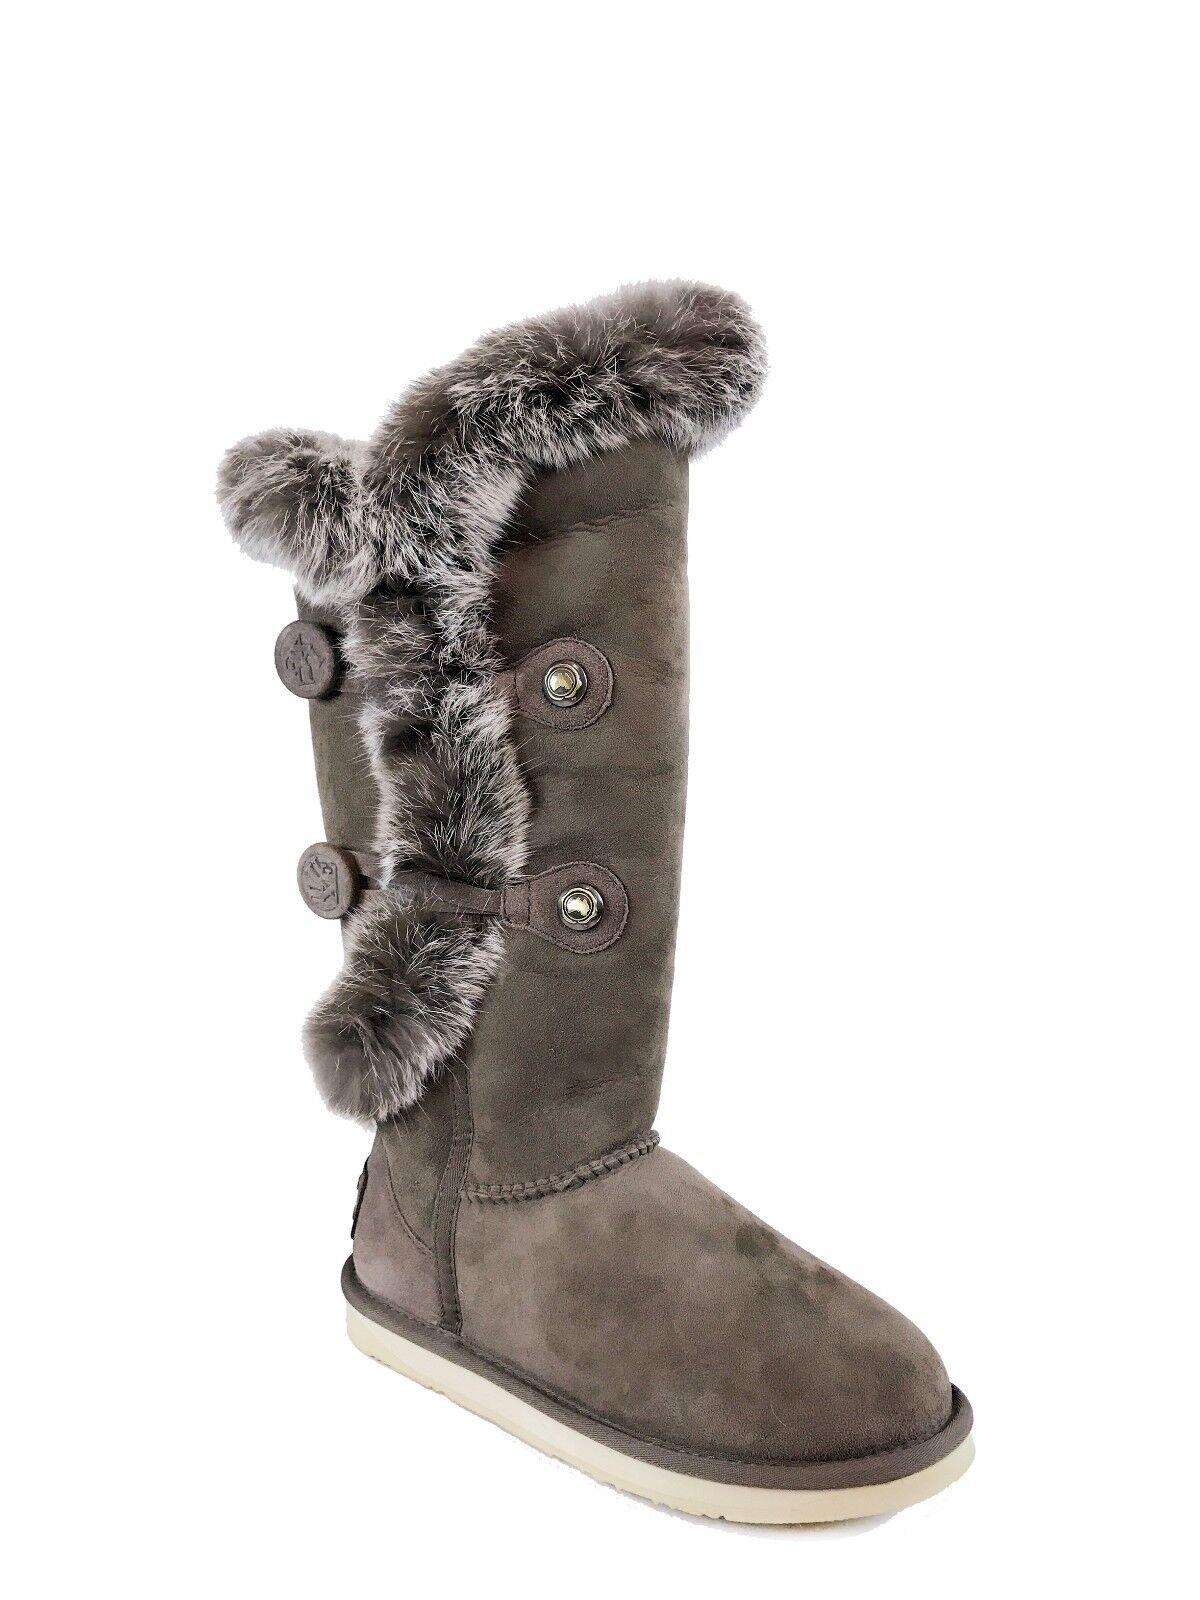 Australia Luxe Luxe Luxe Collective X nórdico alto Ángel Piel Para Invierno Para Mujeres Zapatos De Arranque  A la venta con descuento del 70%.